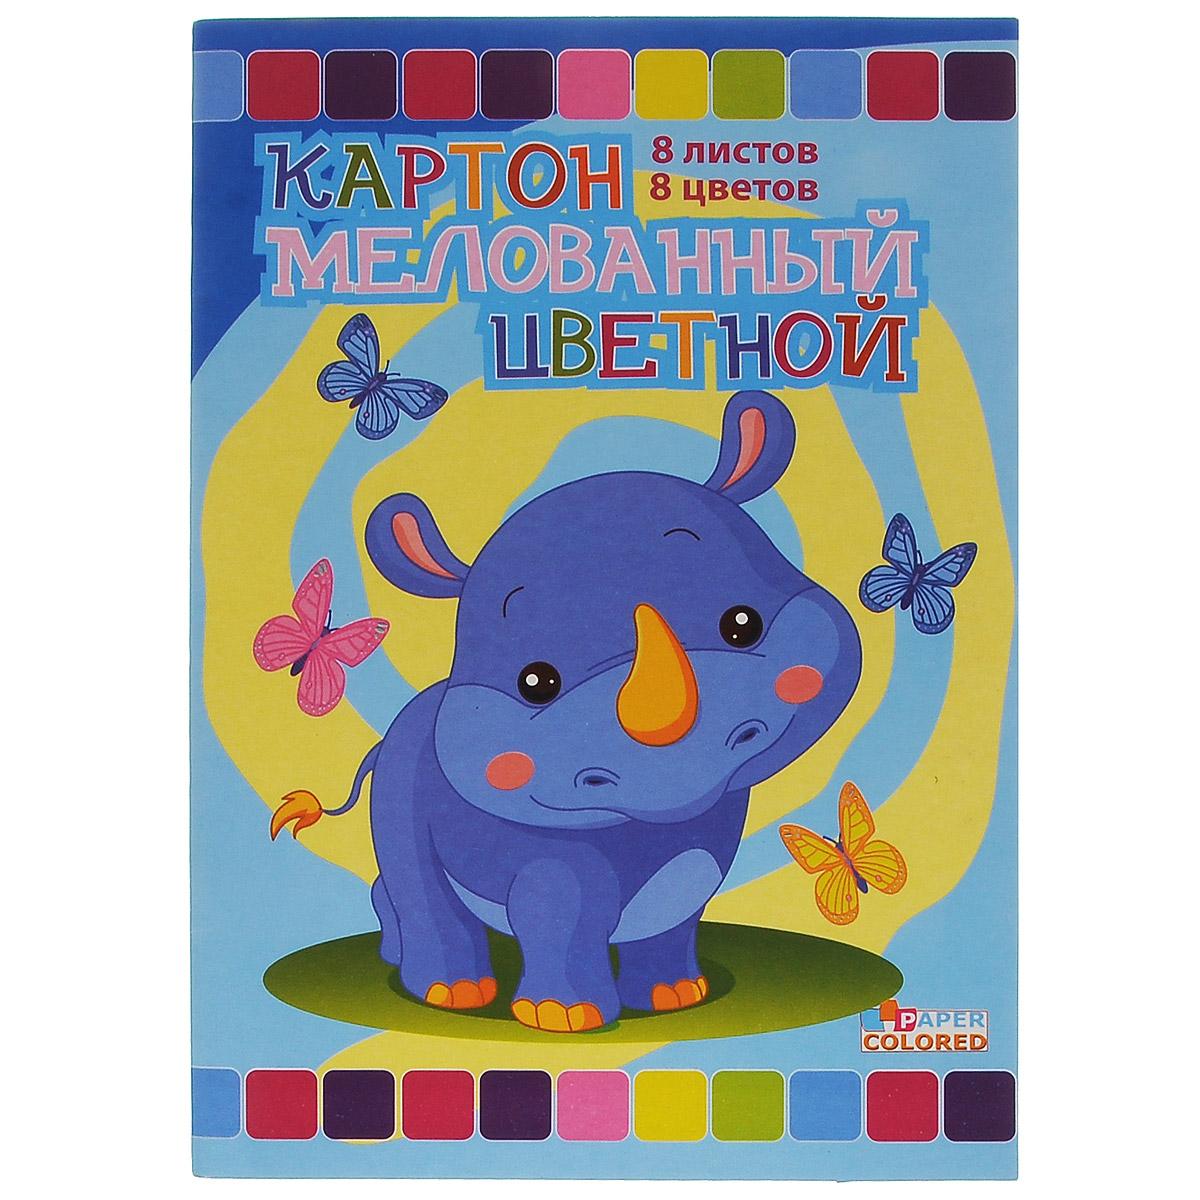 Цветной картон Бриз, мелованный, 8 цветов1126-211Цветной лакированный картон Бриз позволит вашему ребенку создавать всевозможные аппликации и поделки. Набор состоит из 8 листов картона красного, синего, черного, белого, желтого, оранжевого фиолетового и зеленого цветов. Листы упакованы в яркую оригинальную картонную папку. Создание поделок из лакированного картона поможет ребенку в развитии творческих способностей, кроме того, это увлекательный досуг.